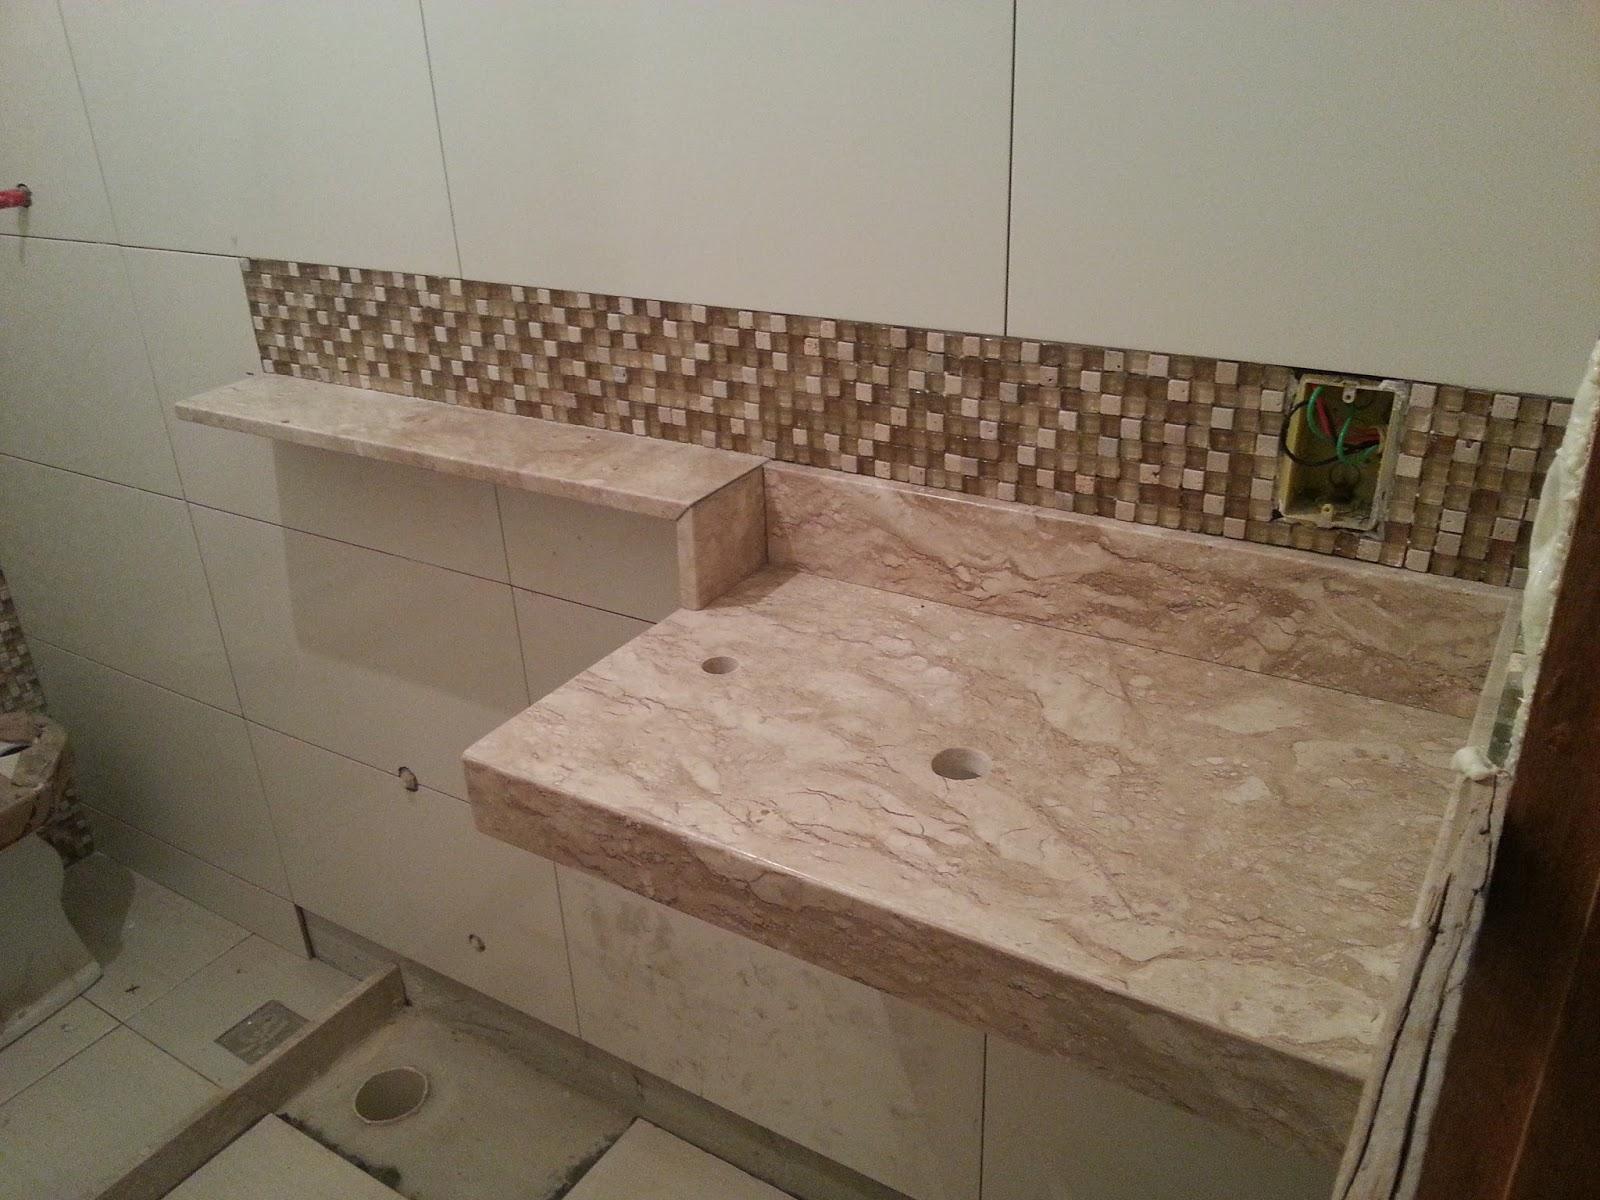 ! Vi uma prateleira numa revista e tentei reproduzir no meu banheiro  #3E3020 1600x1200 Banheiro Container Bahia